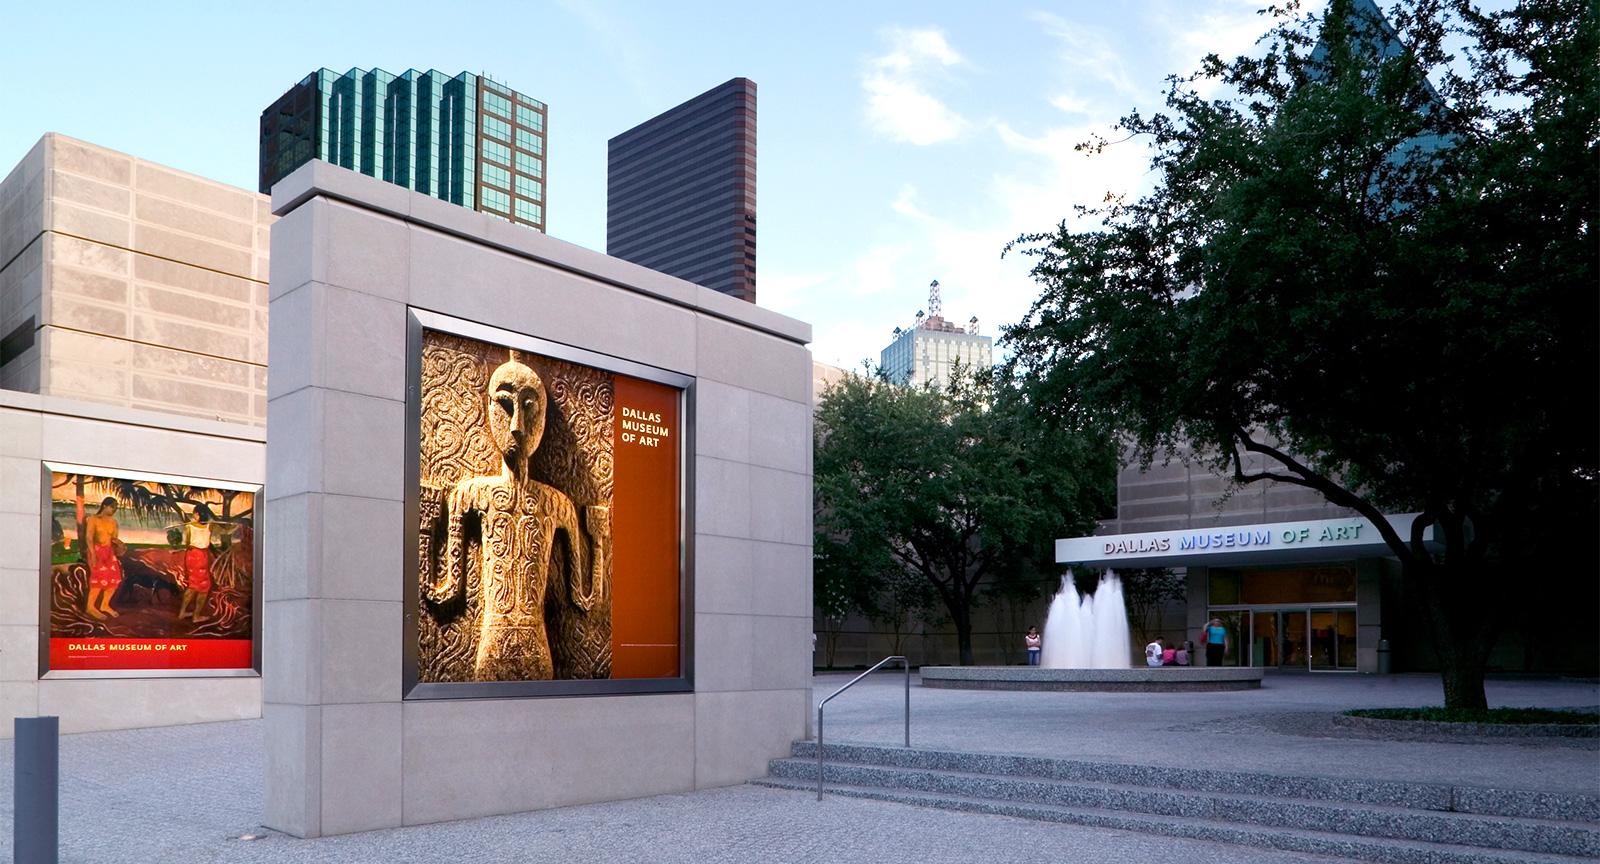 نتيجة بحث الصور عن dallas museum of art